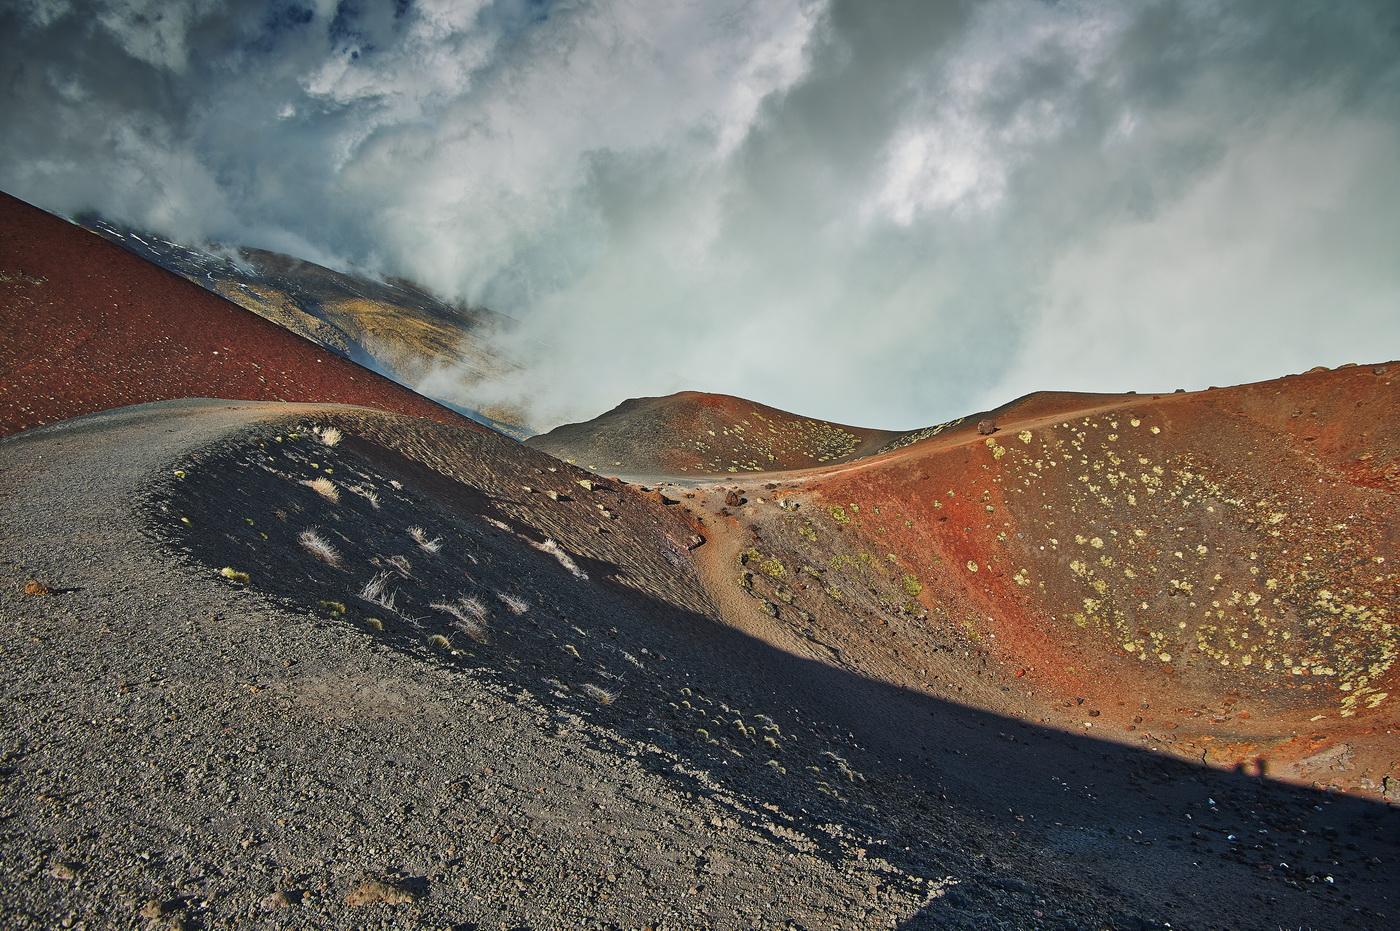 Steve Oakes - Mount Etna Crater